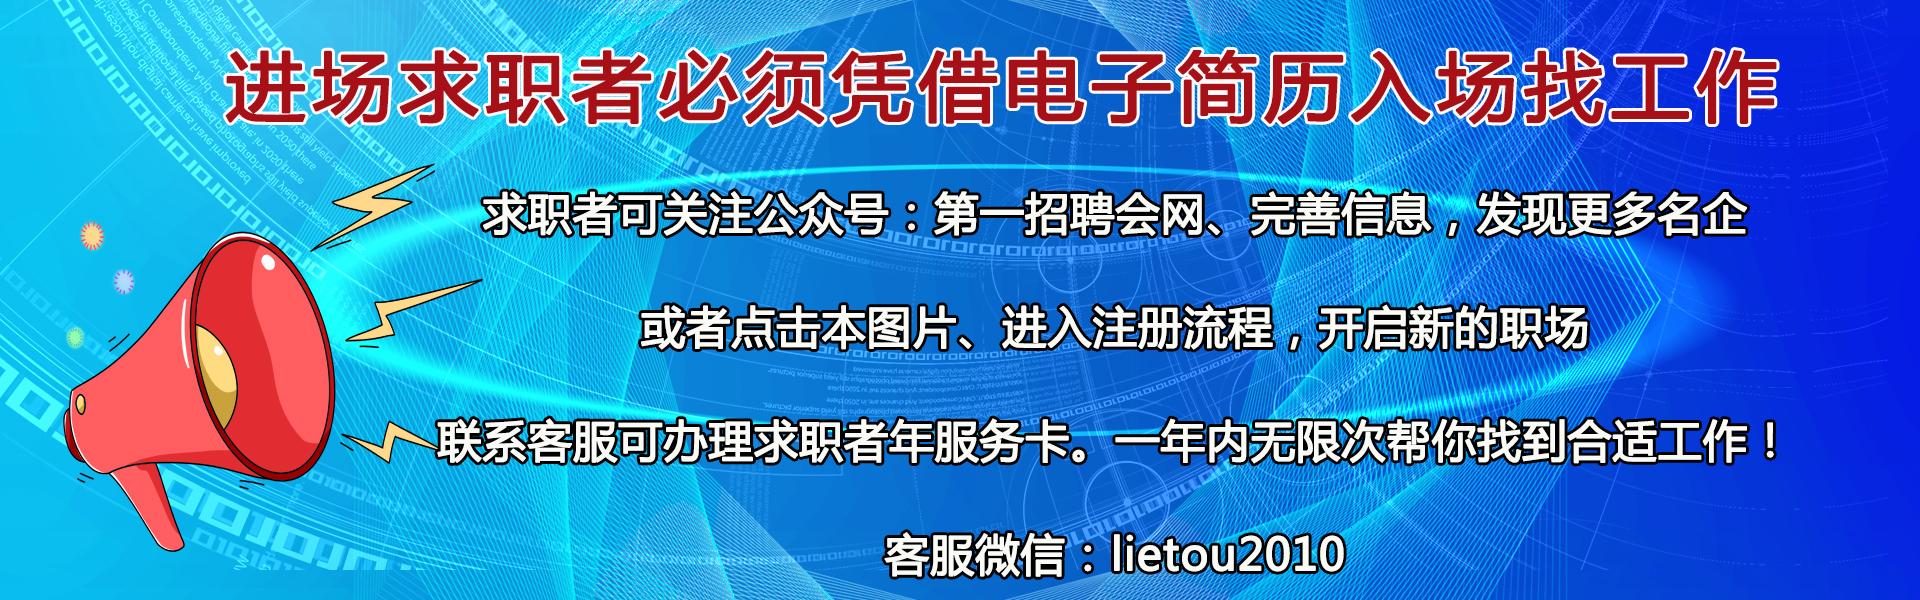 2021年2月20日21日郑州国际会展中